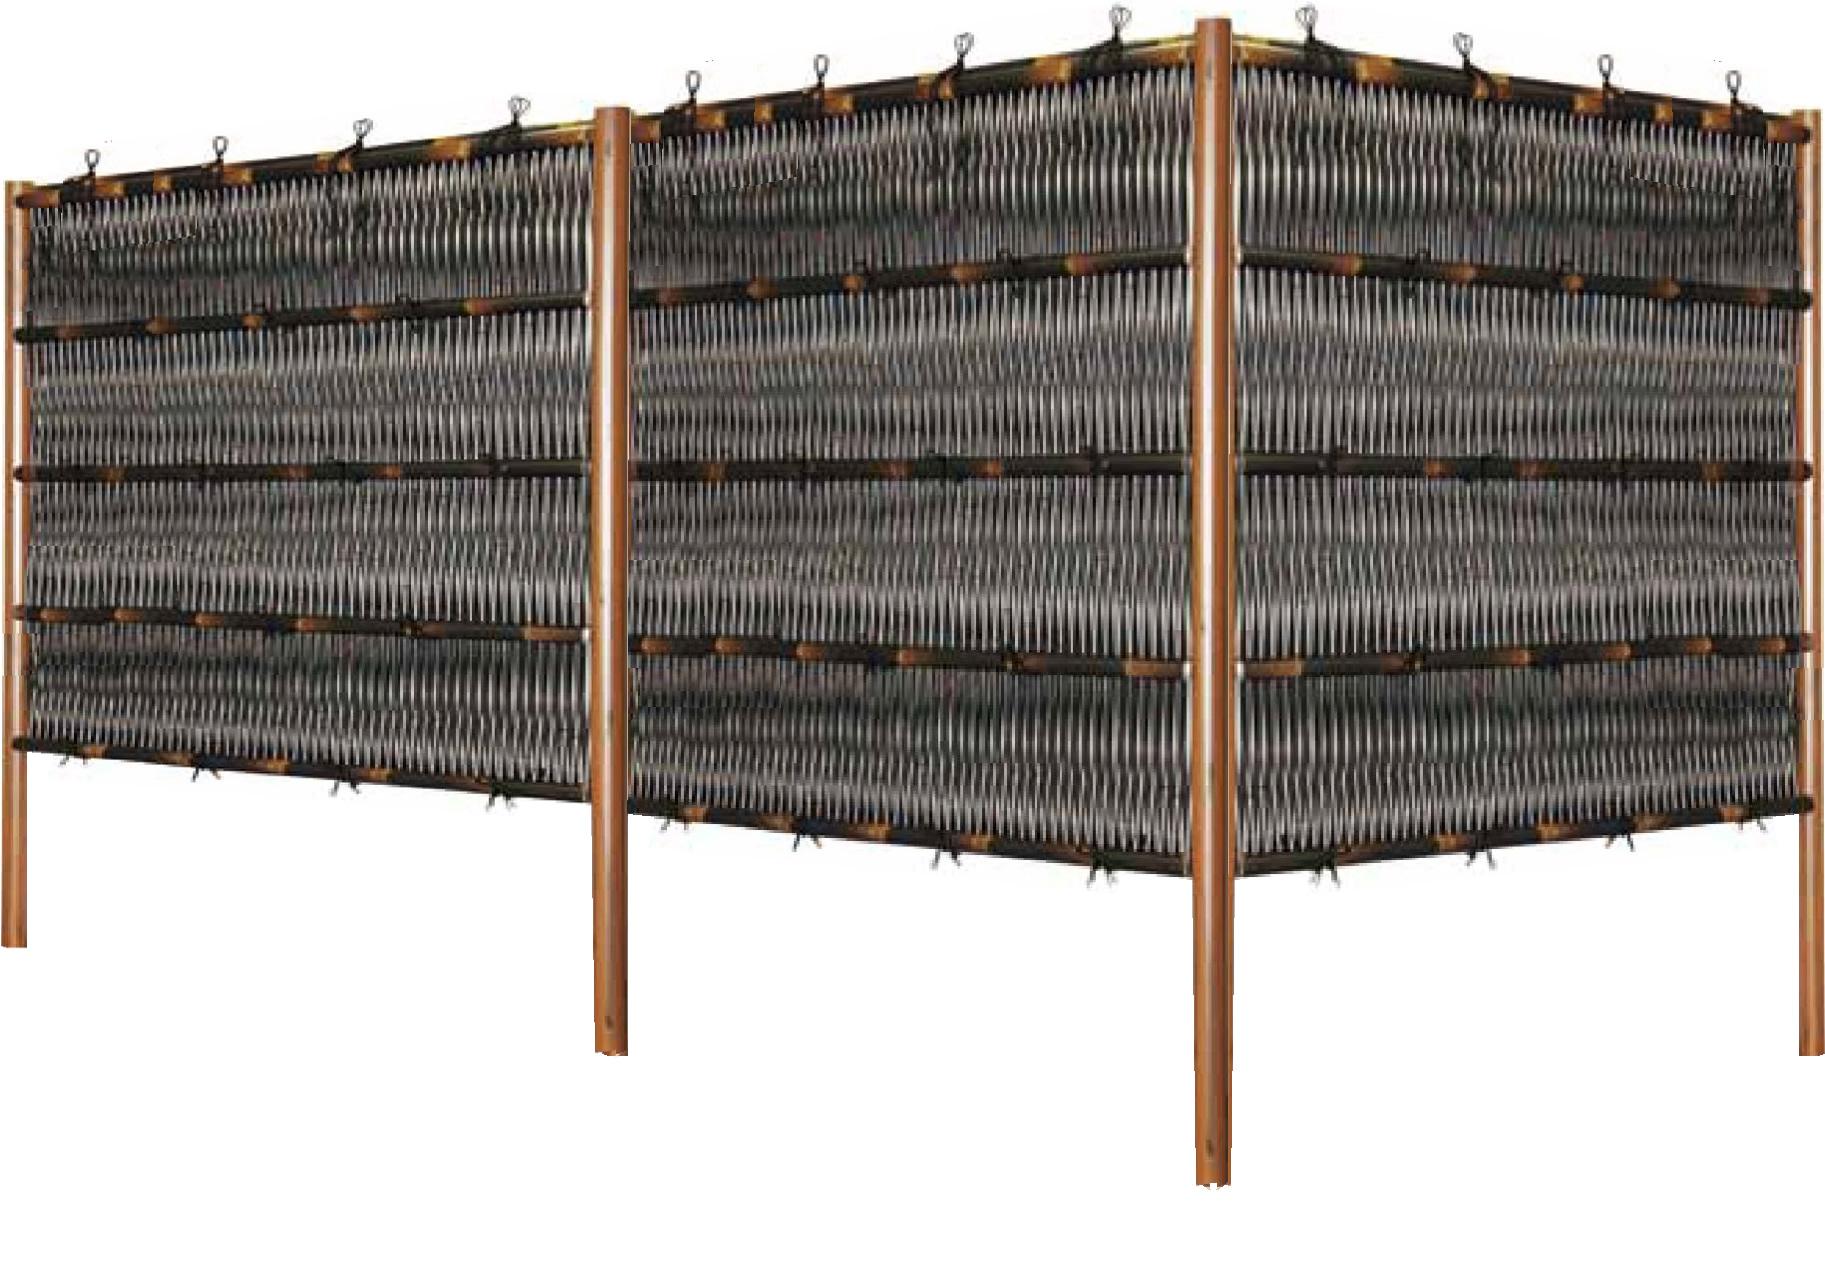 人工竹垣組立てセット「大津垣O3型柱見せタイプ(黒竹木目調丸柱)」